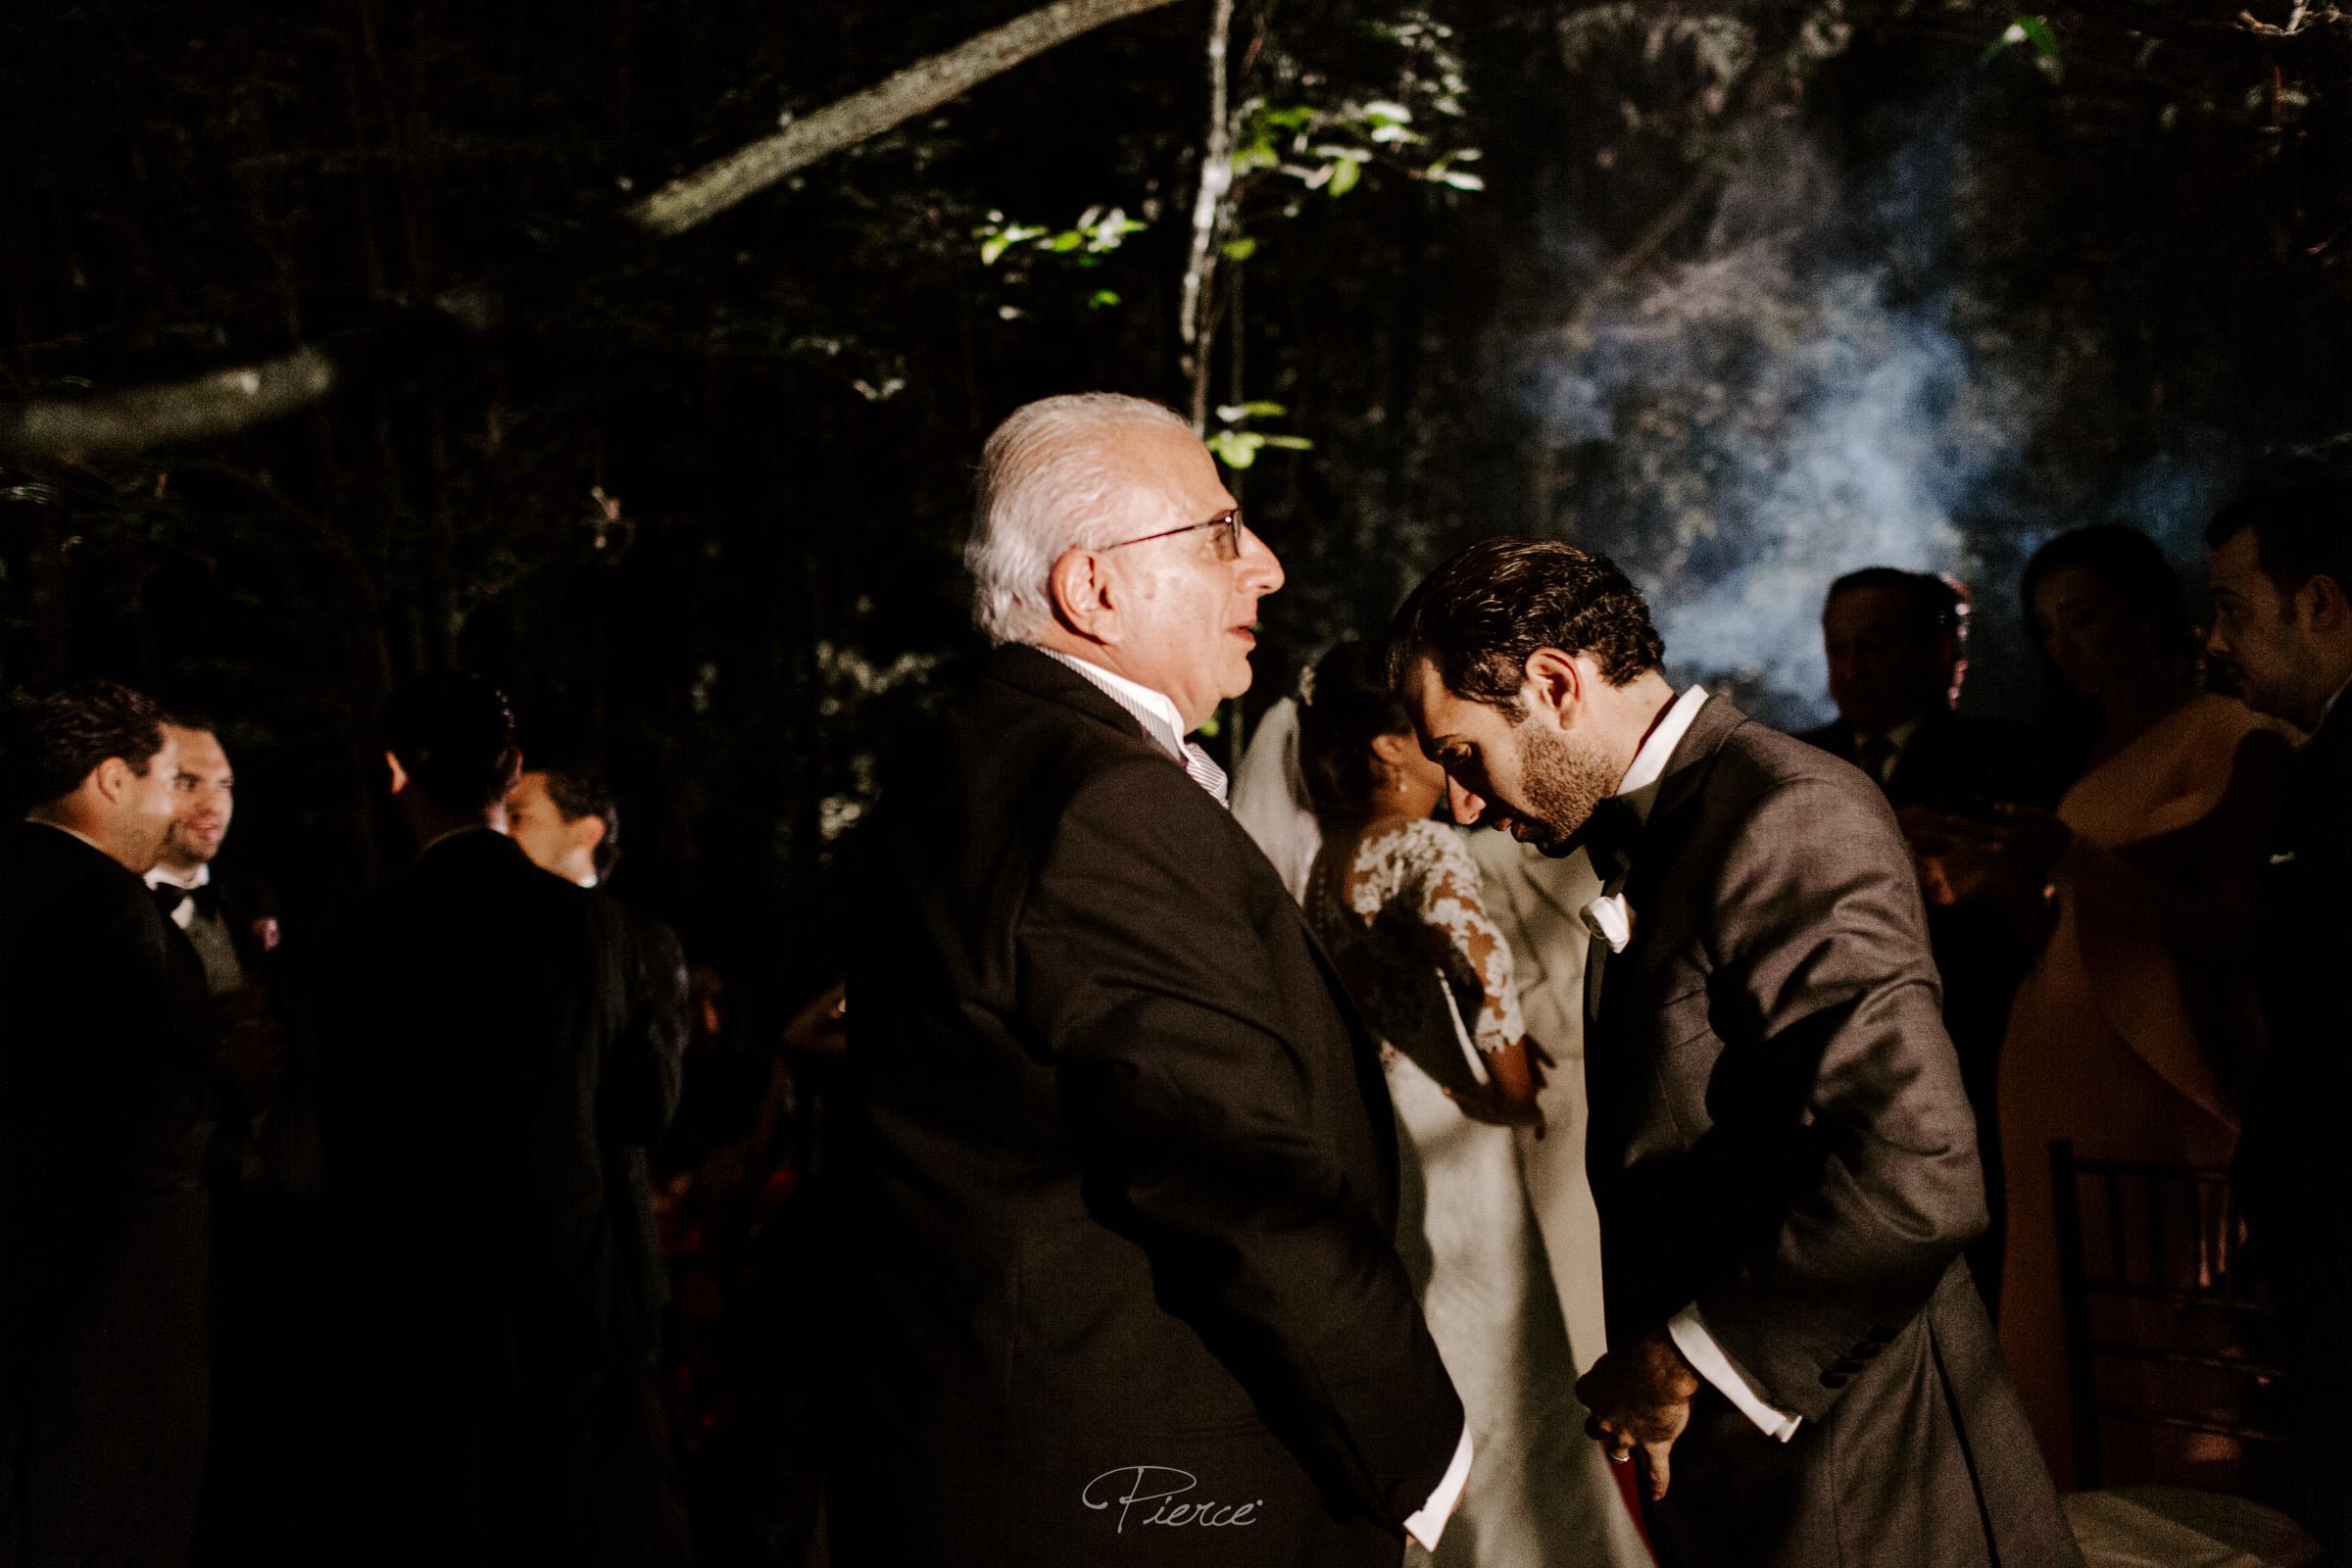 fotografia-de-boda-valle-de-bravo-mexico-rosmarino-pierce-weddings-0123.JPG